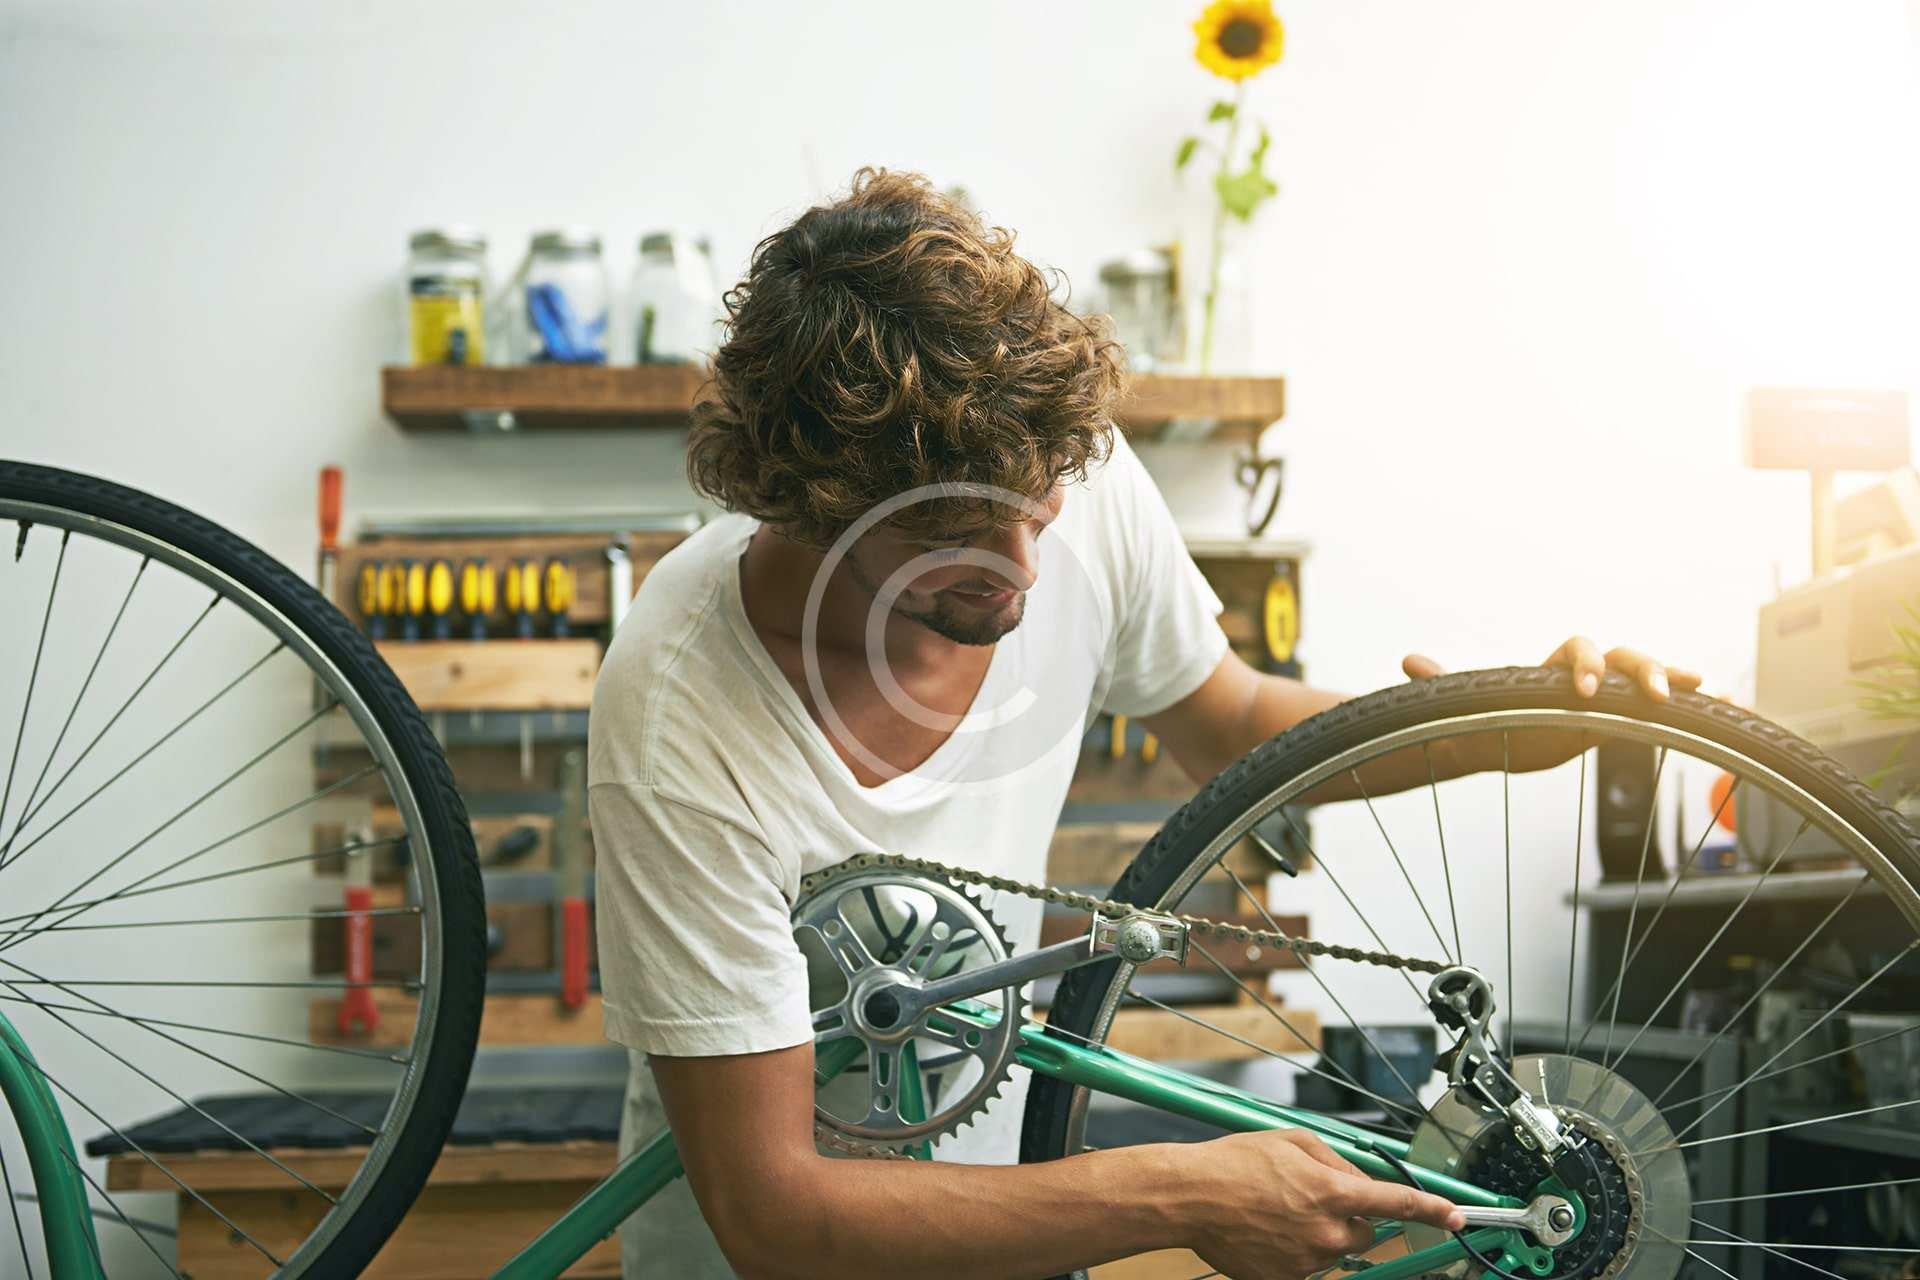 Aanschaf nieuwe of gebruikte fiets